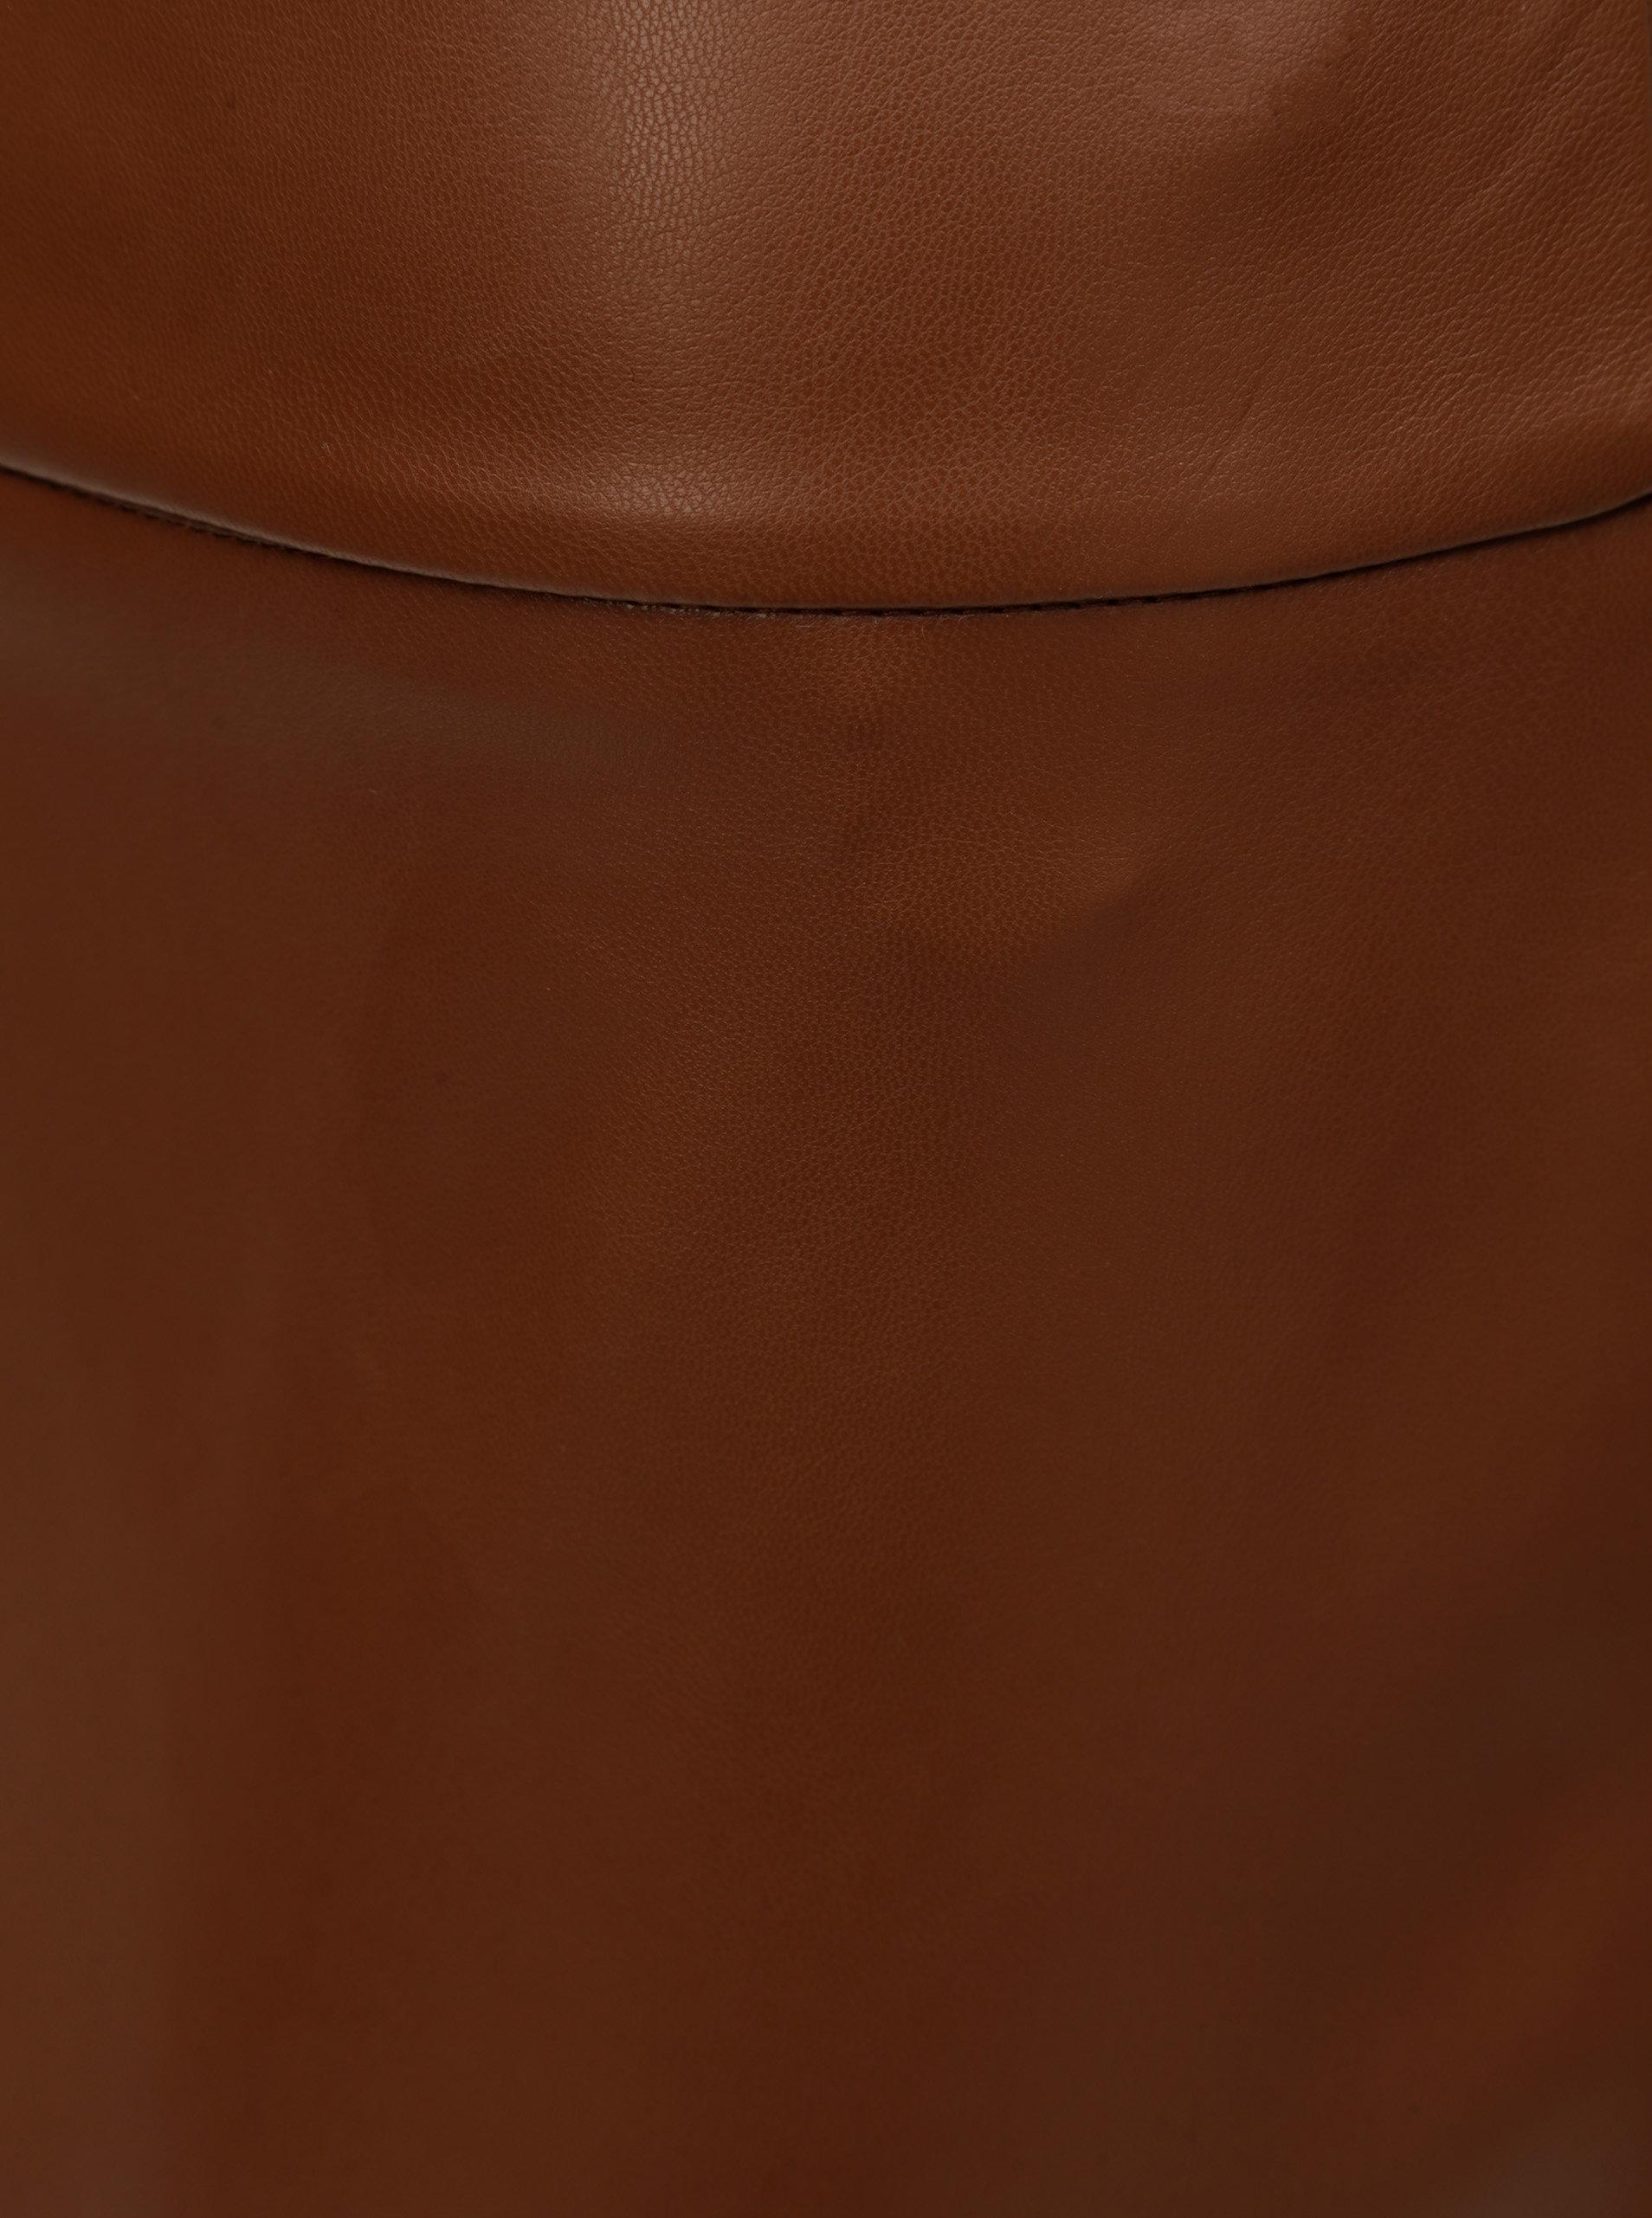 f850caa37861 Hnedá koženková puzdrová sukňa s rozparkom Dorothy Perkins ...